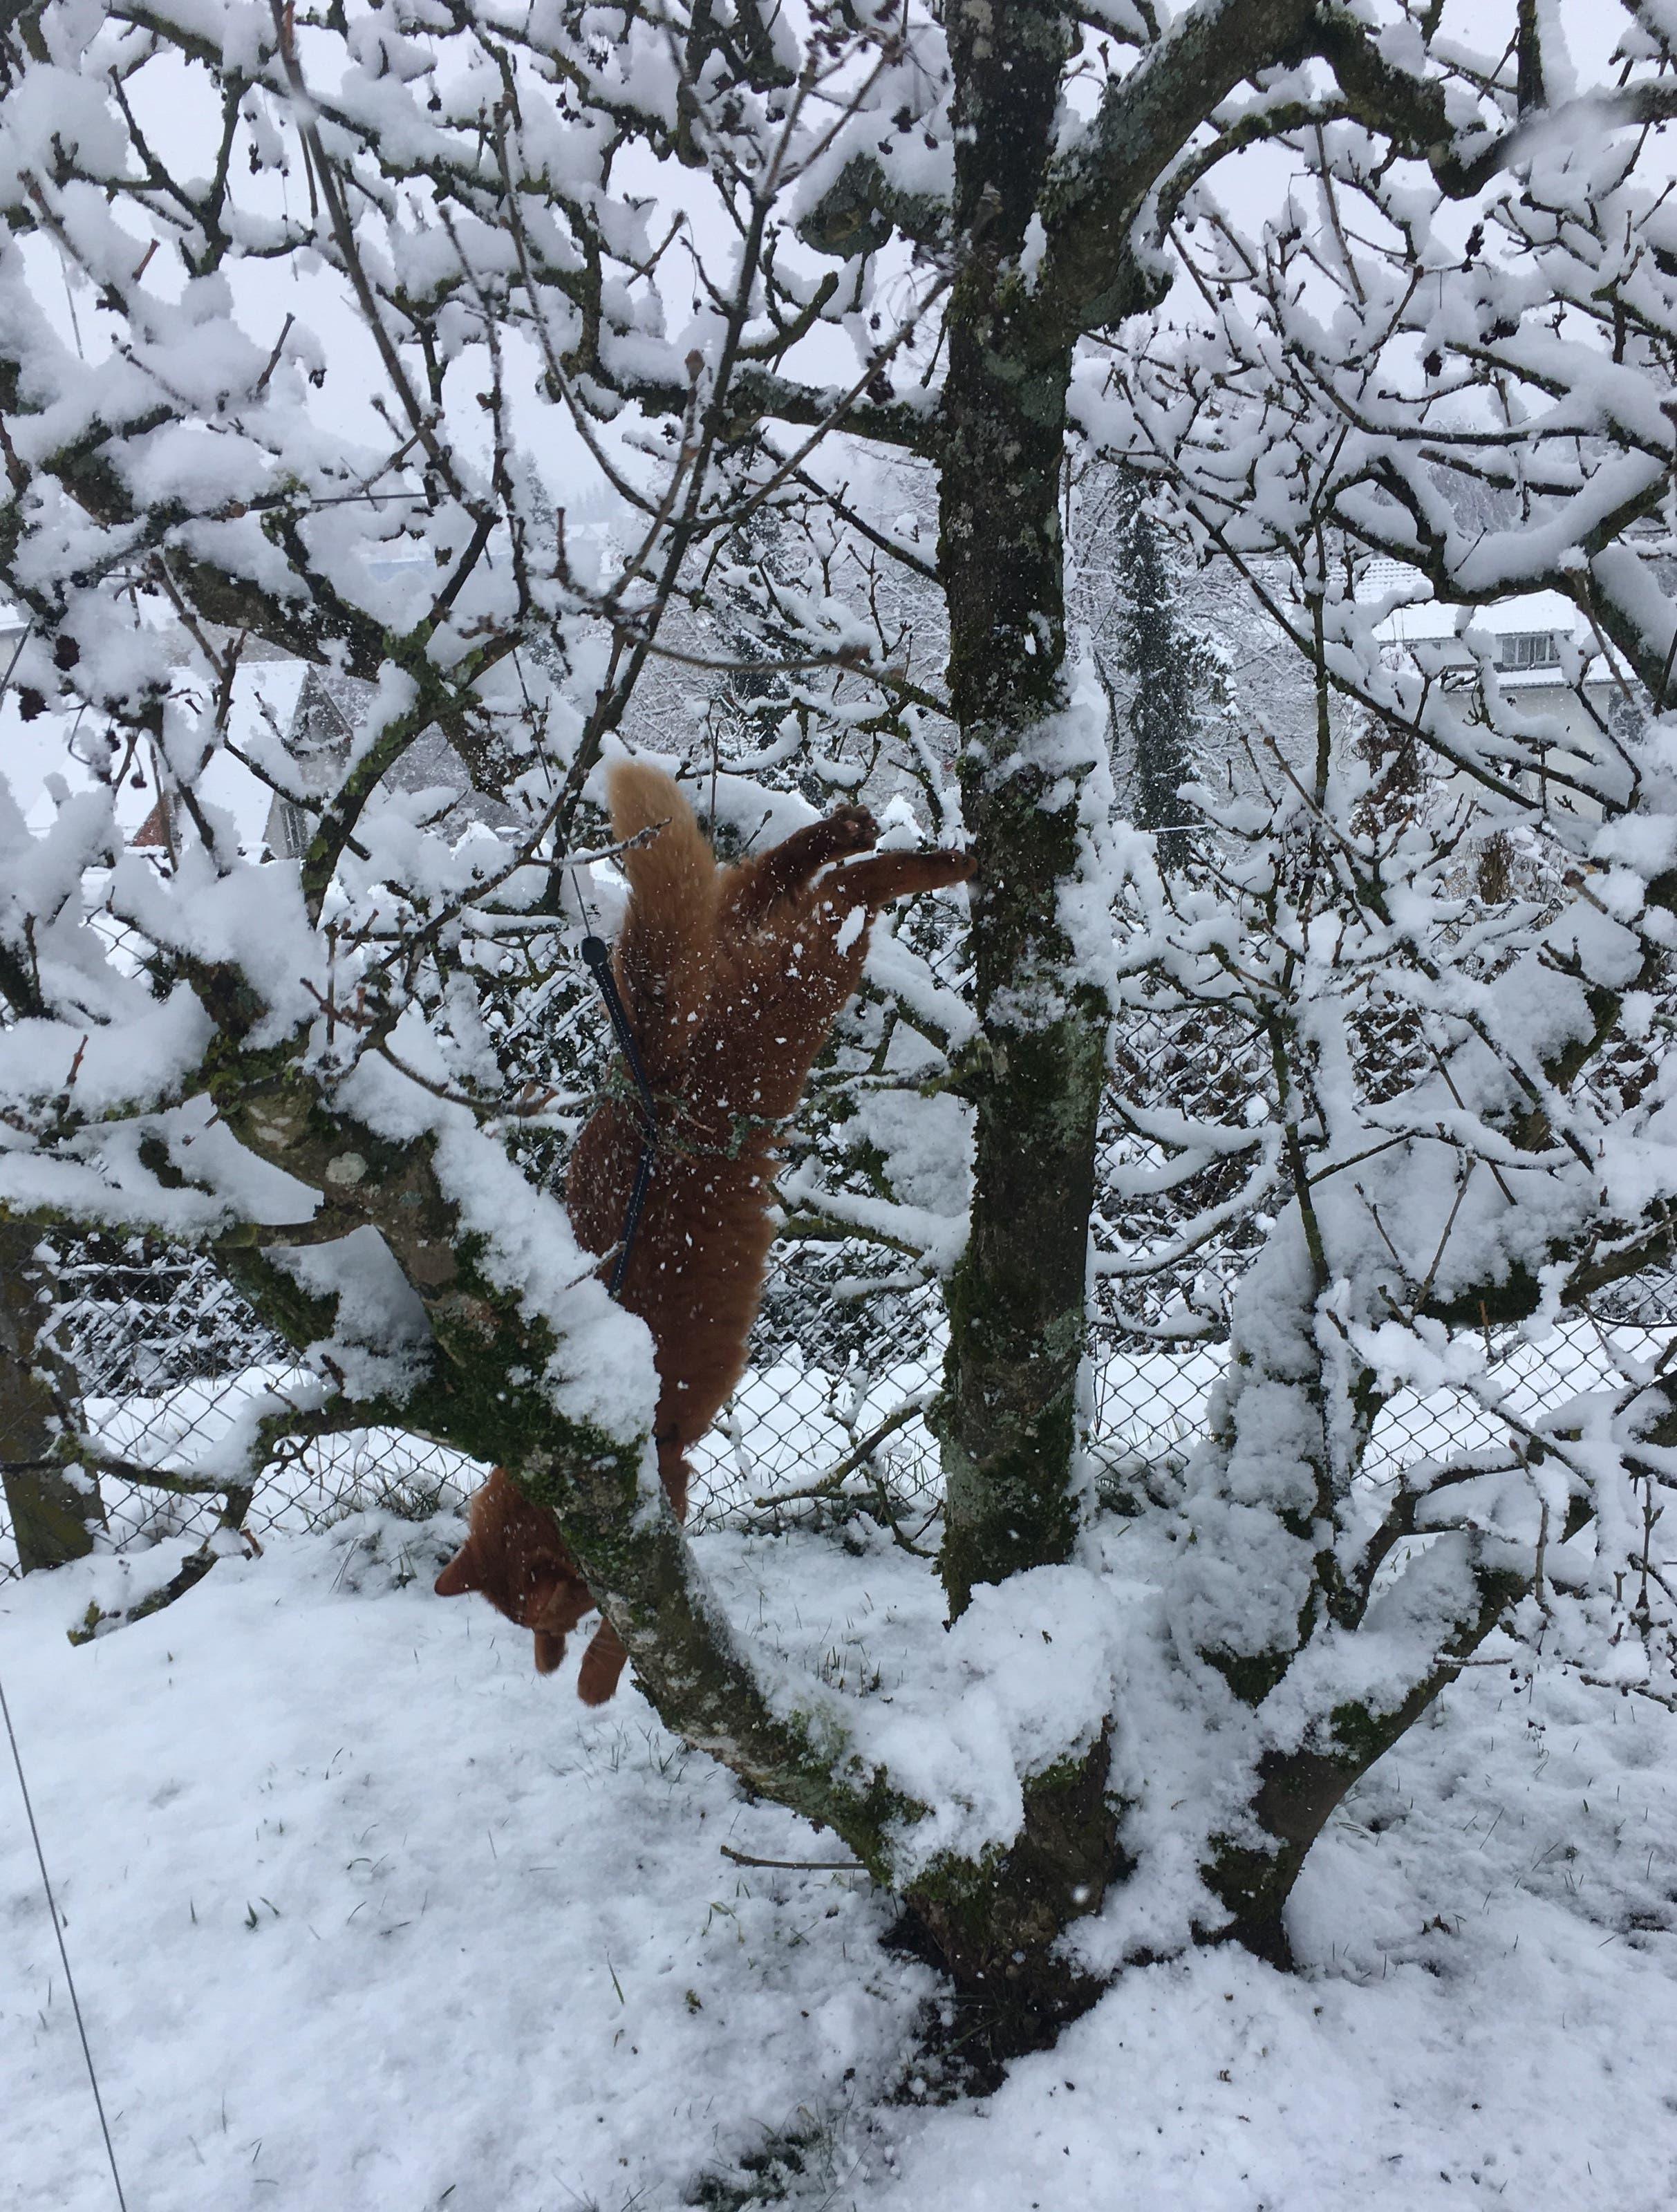 undefined Solch ein Winterzauber macht doch tierisch Spass!